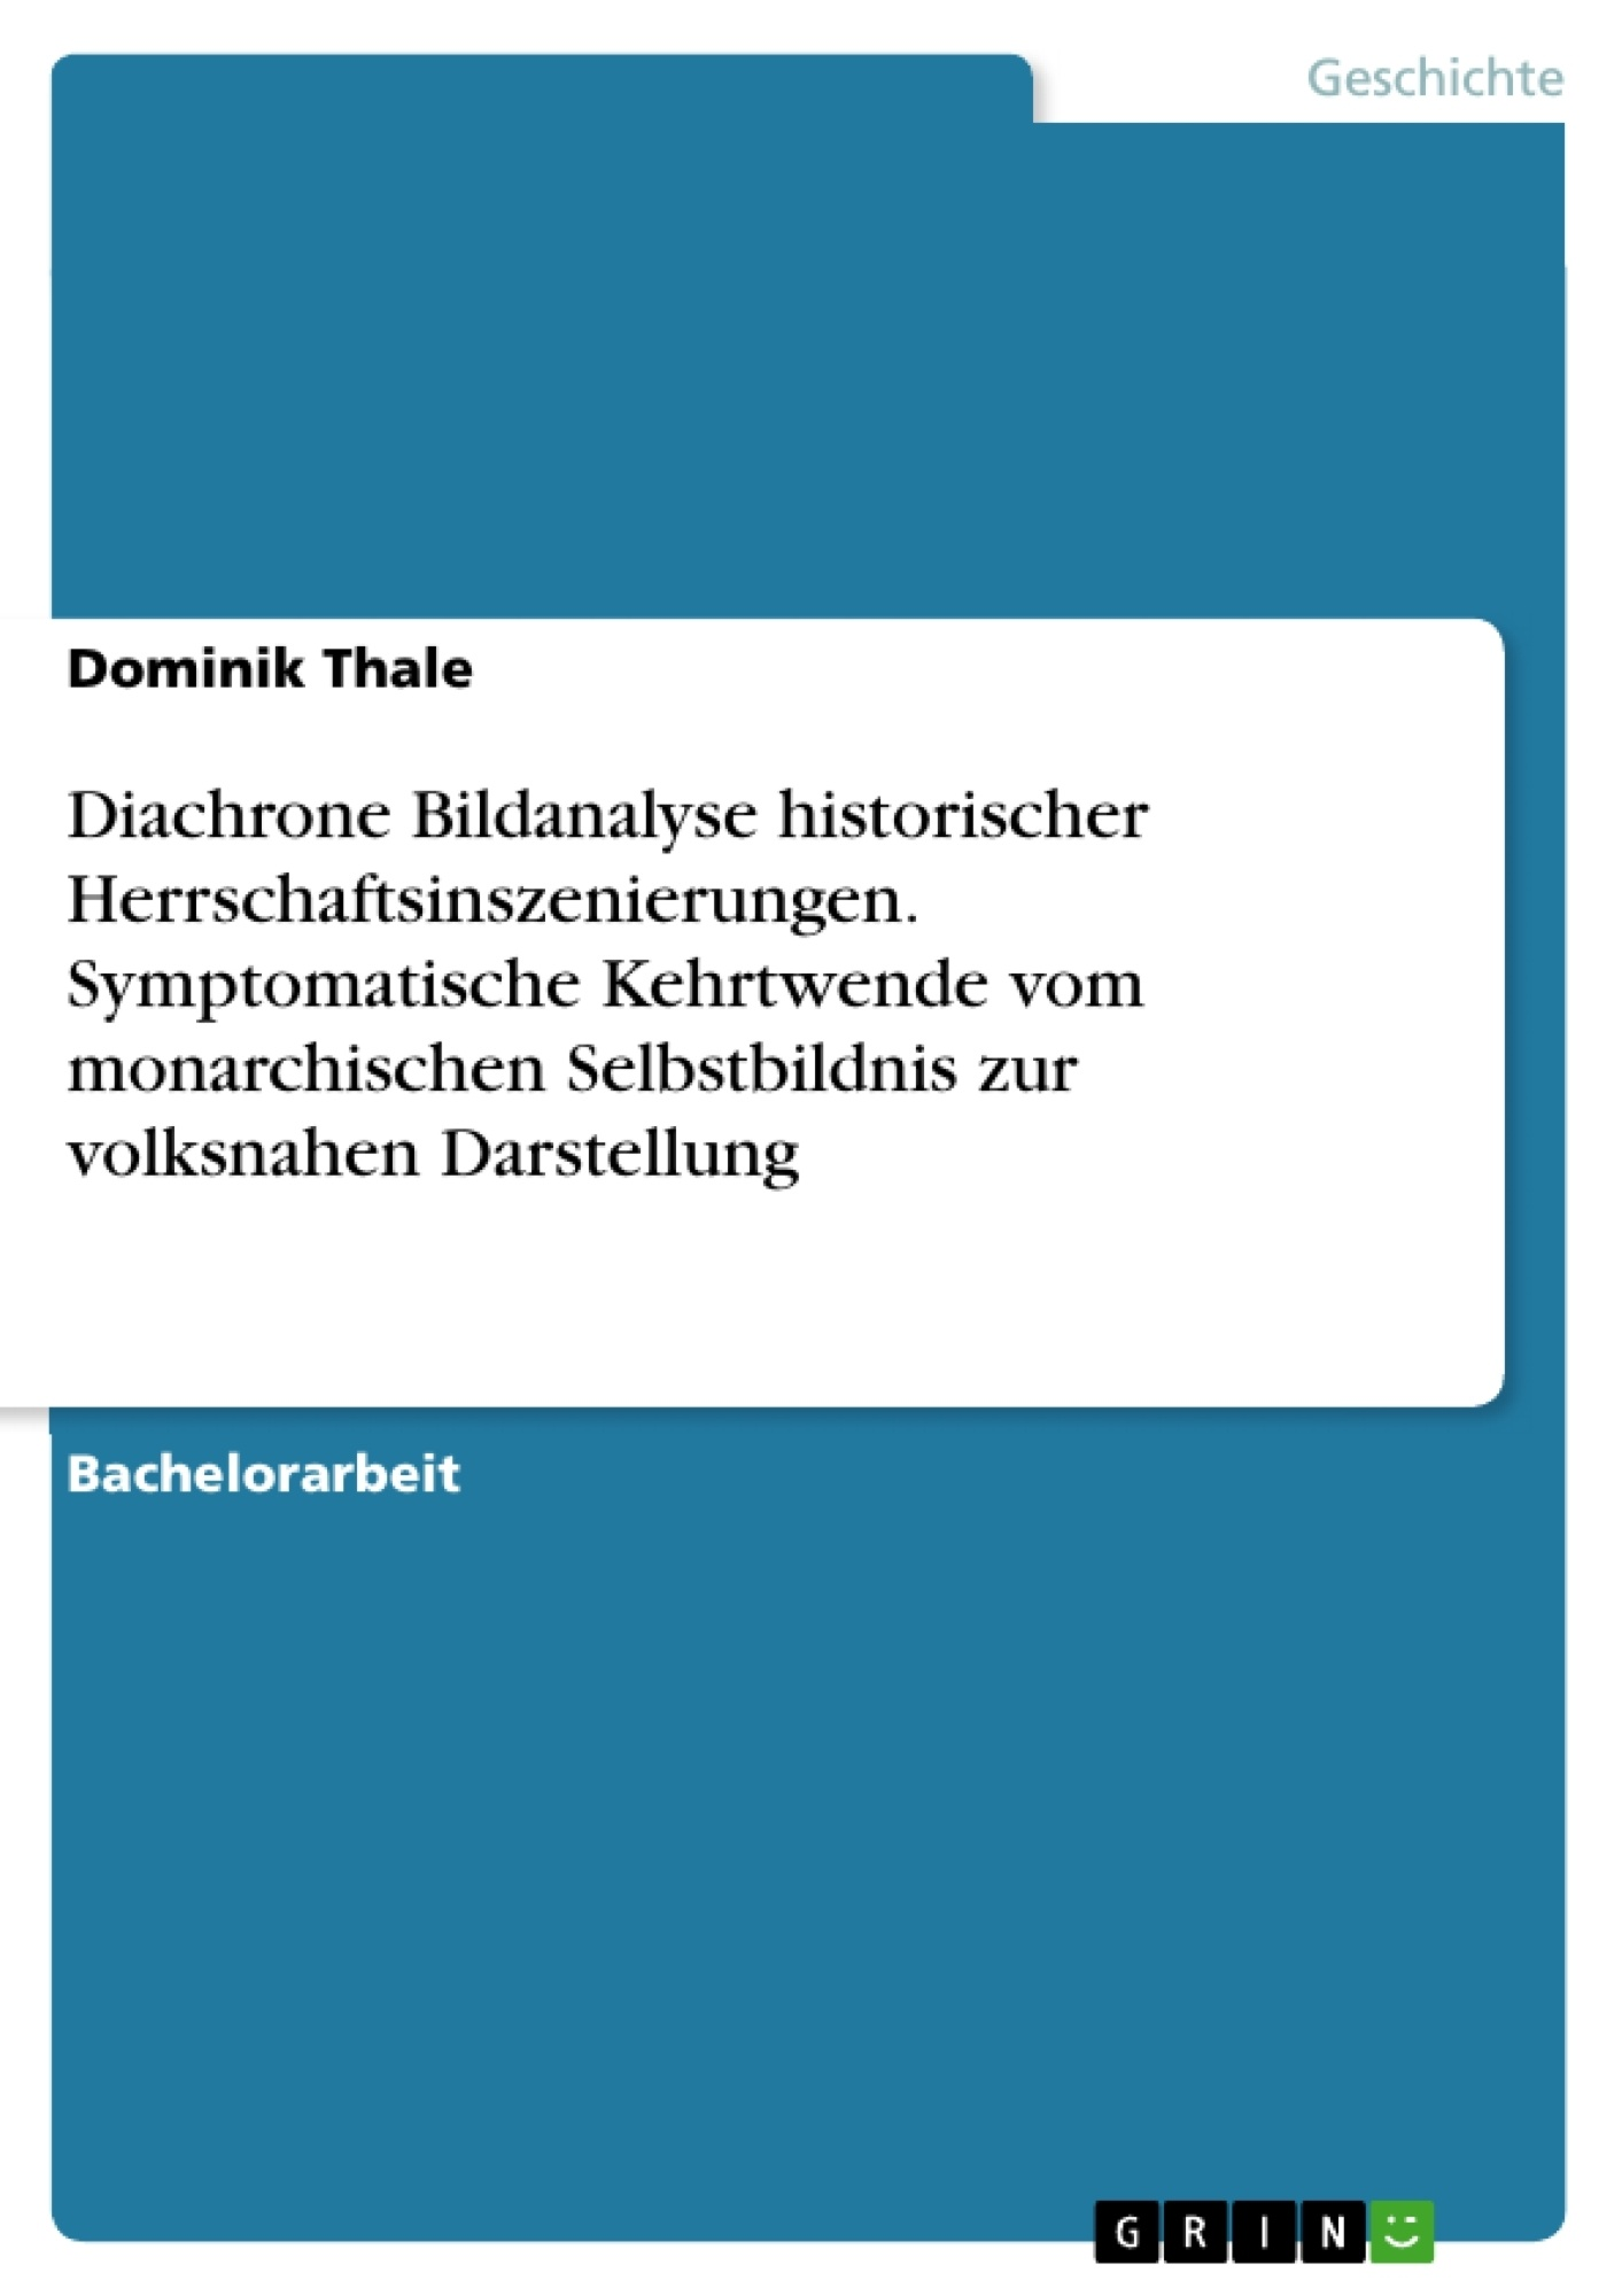 Titel: Diachrone Bildanalyse historischer Herrschaftsinszenierungen. Symptomatische Kehrtwende vom monarchischen Selbstbildnis zur volksnahen Darstellung